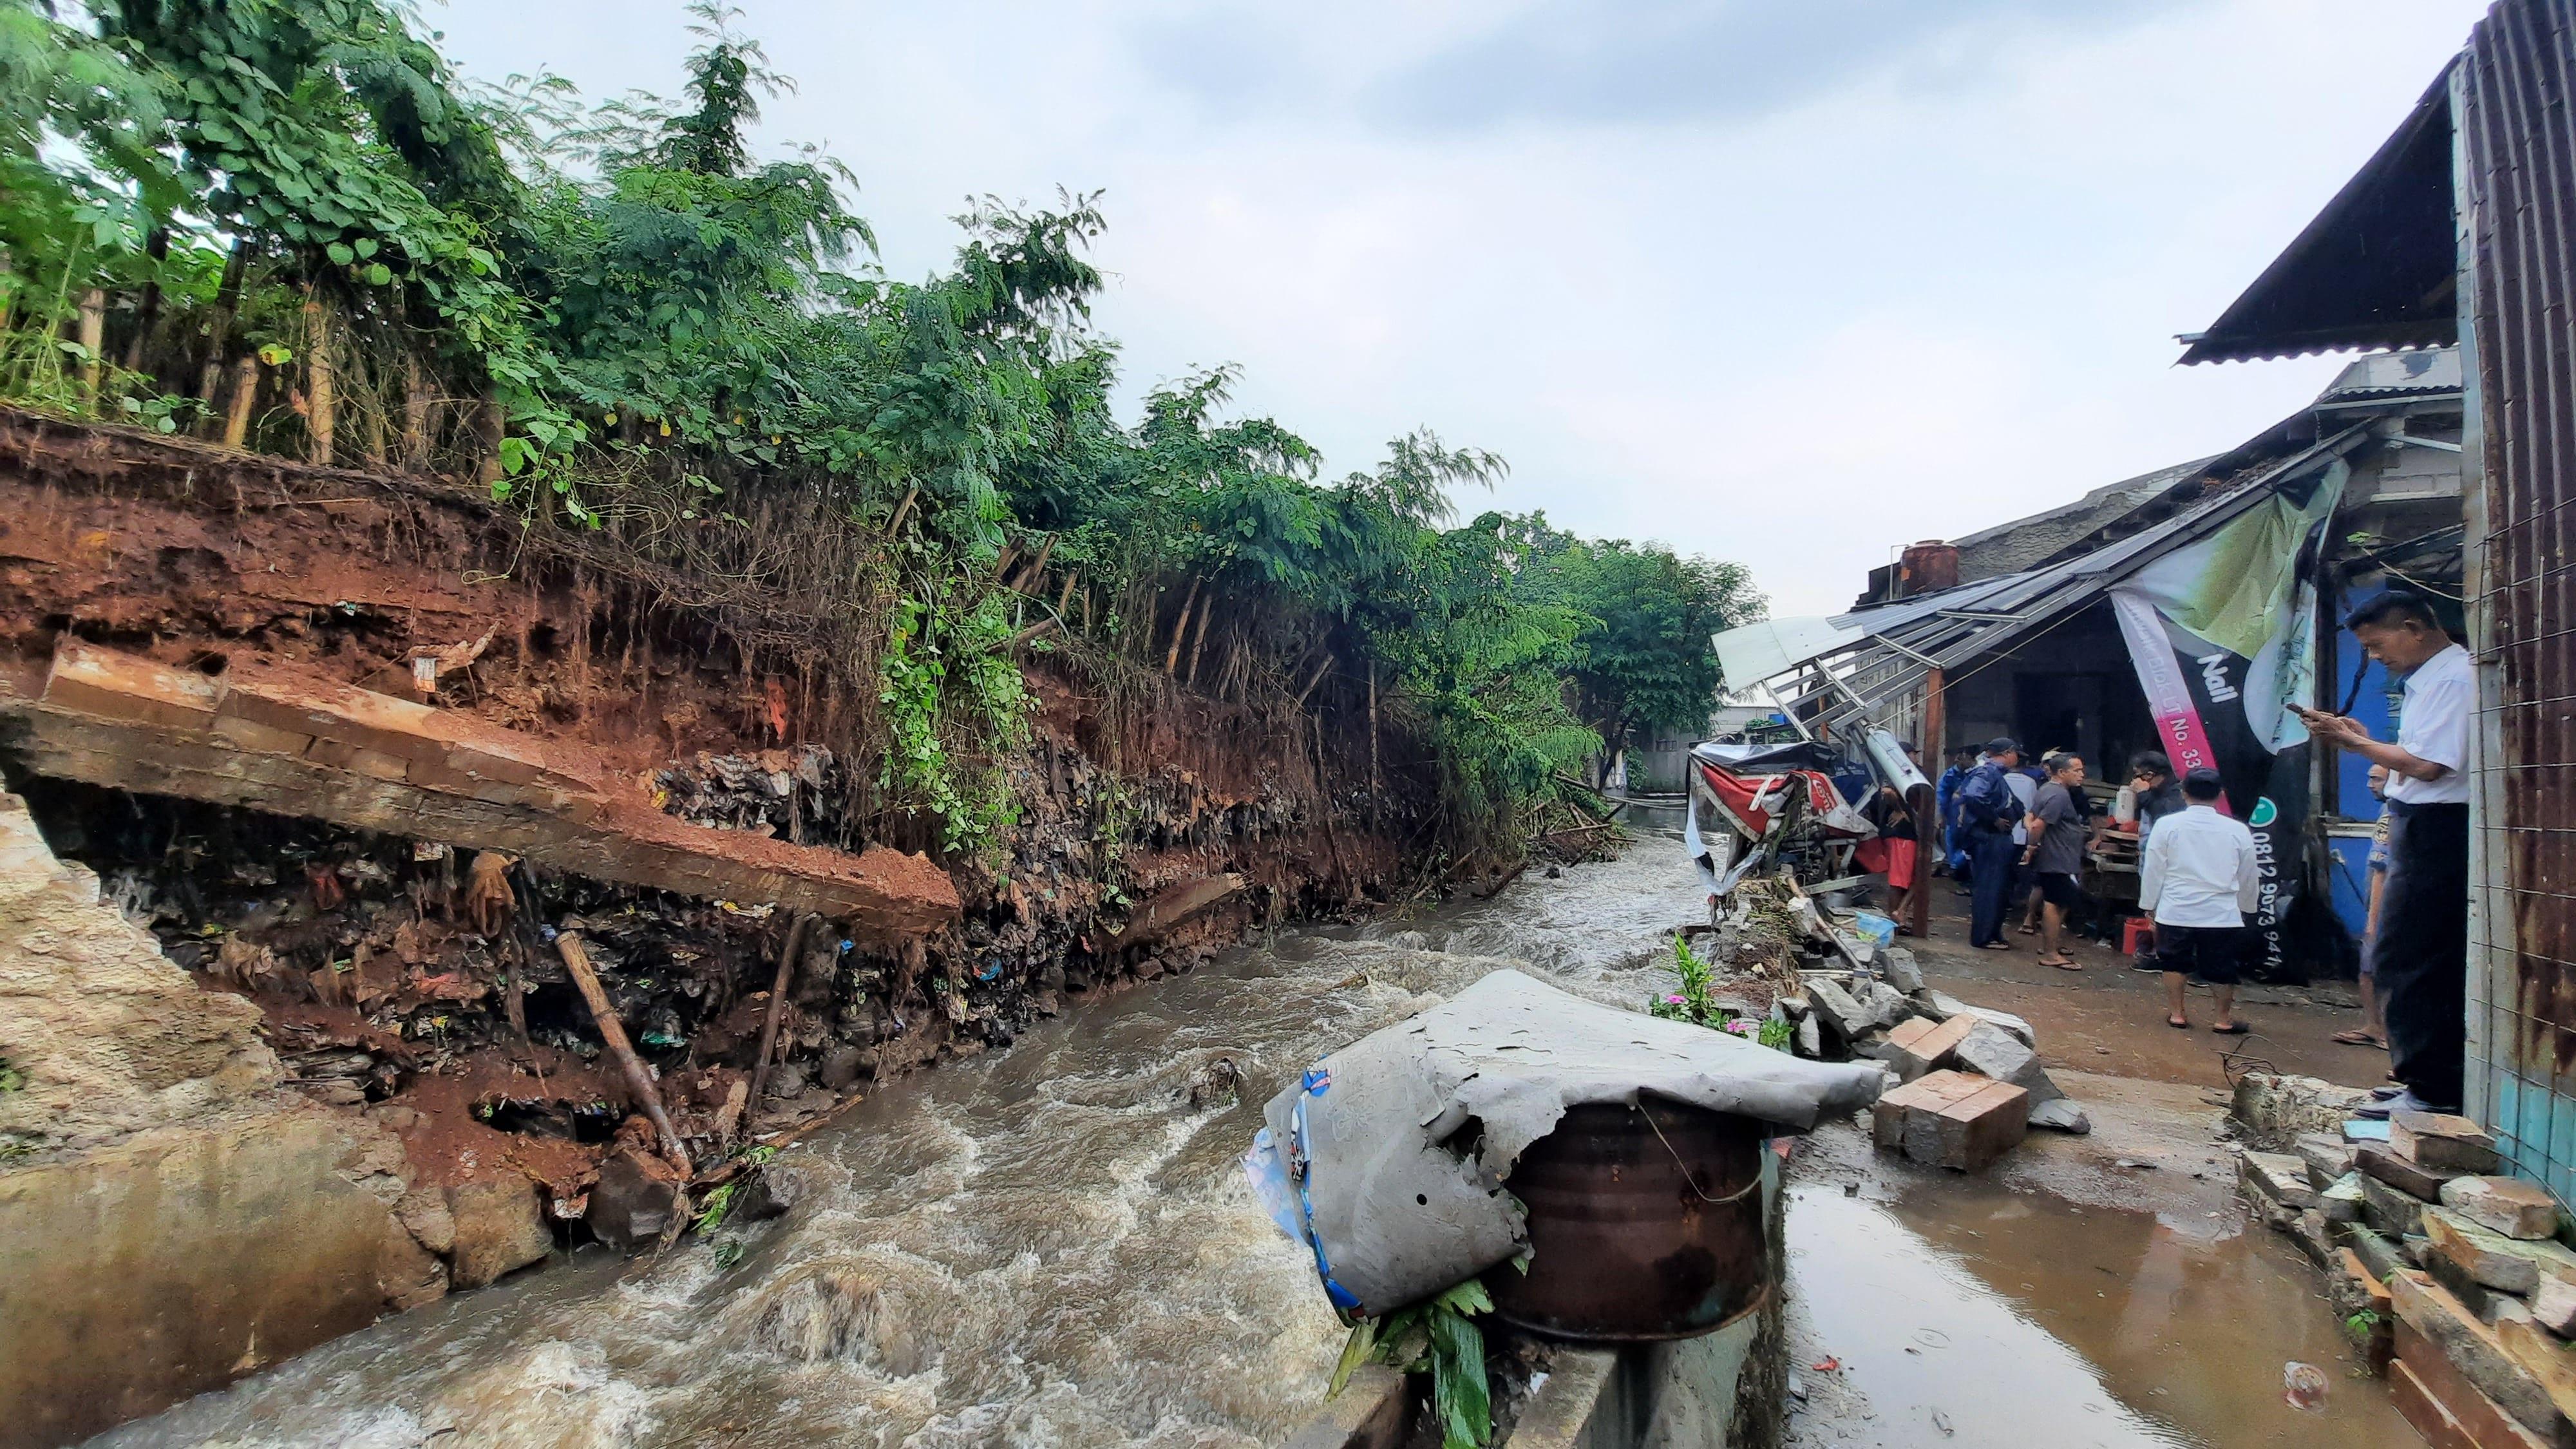 Warga Tapos Depok Kaget Mendengar Suara Keras Sebelum Hujan Deras - JPNN.com